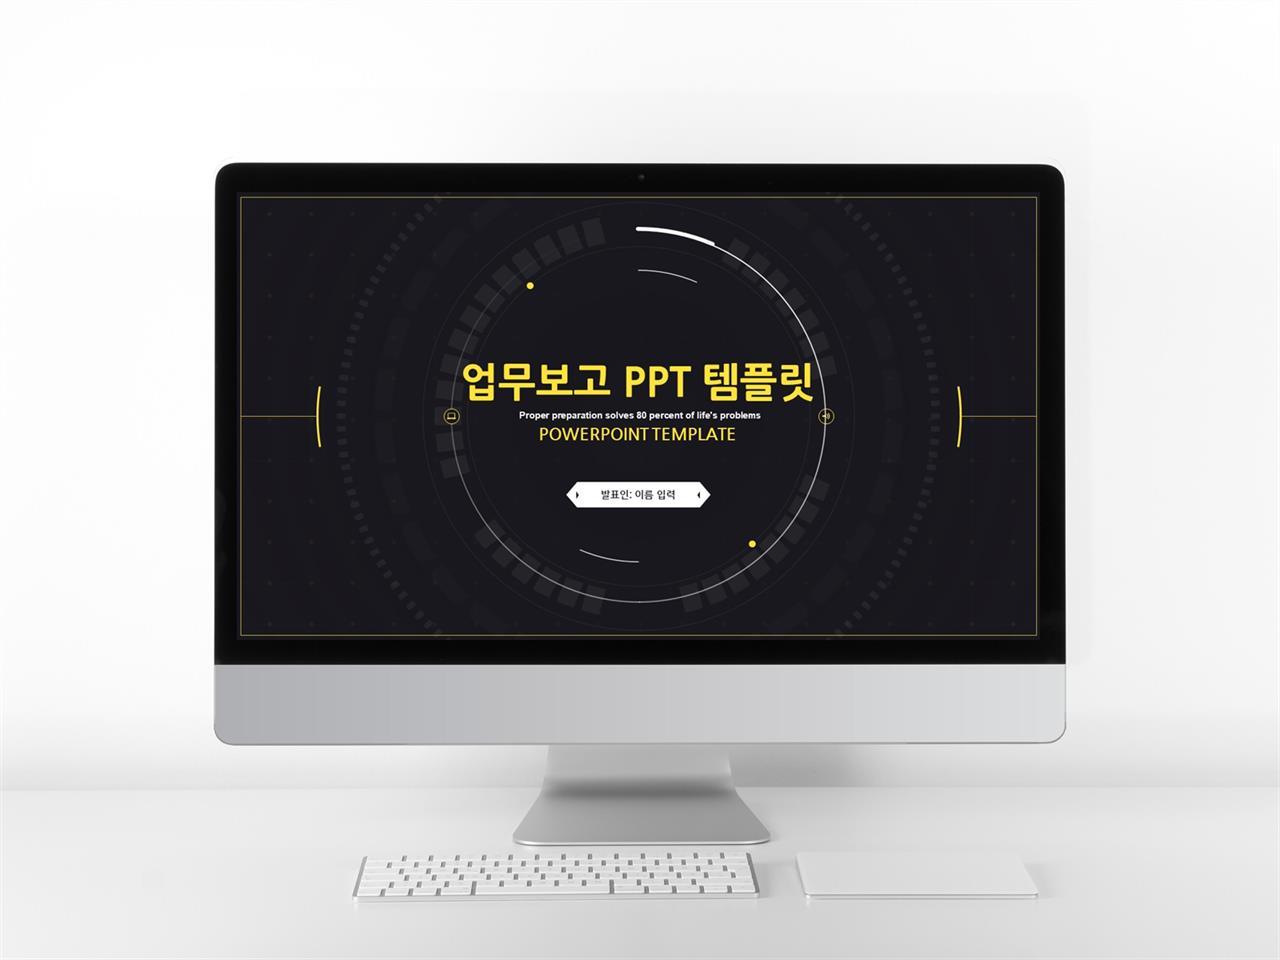 업무보고 검정색 어둠침침한 고급형 POWERPOINT템플릿 디자인 미리보기